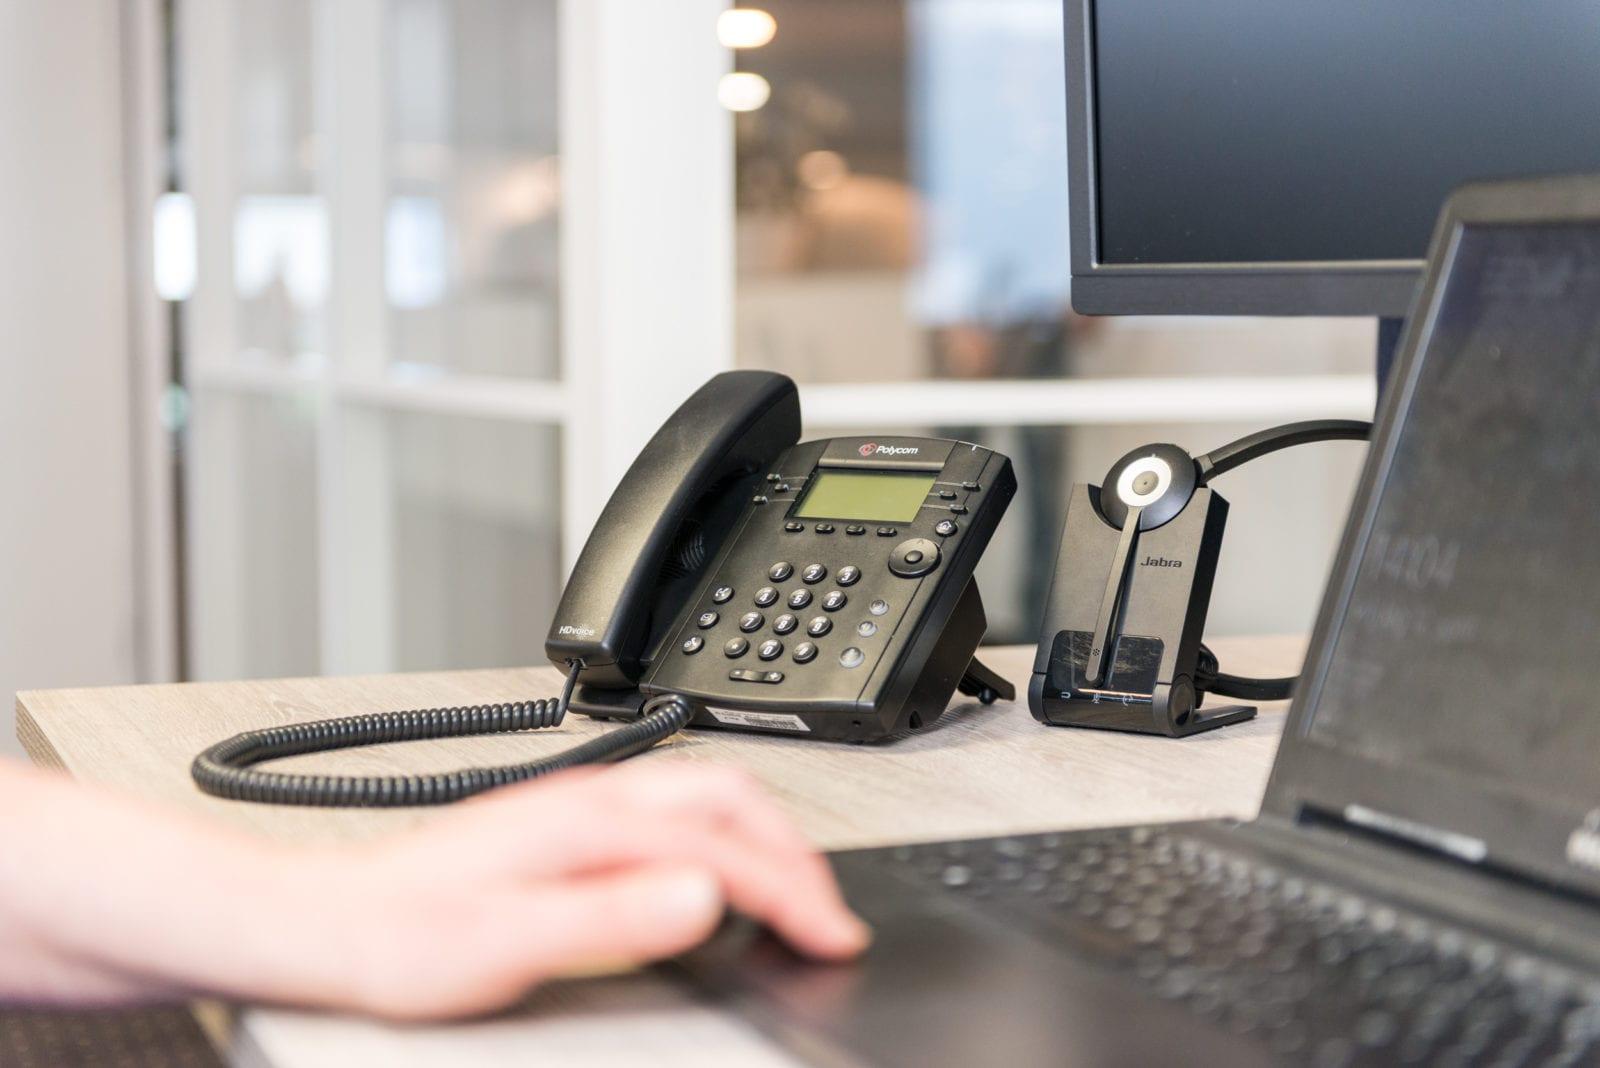 vaste telefoon op werkplek met mobiele telefoon en laptop